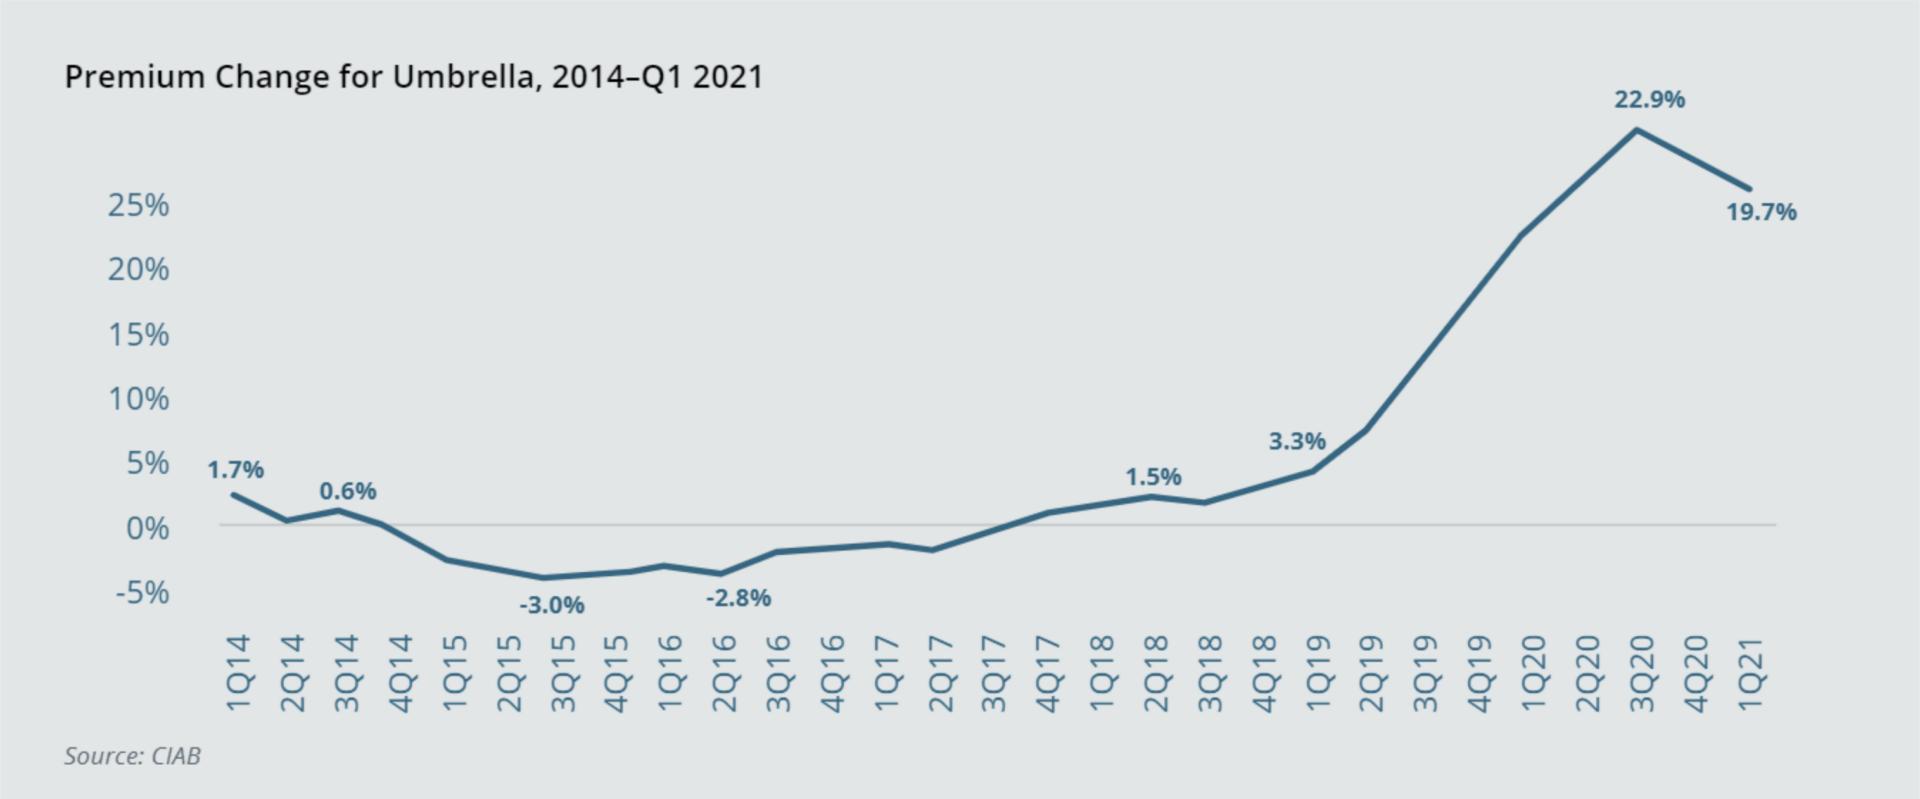 umbrella premium change 2014 to 2021